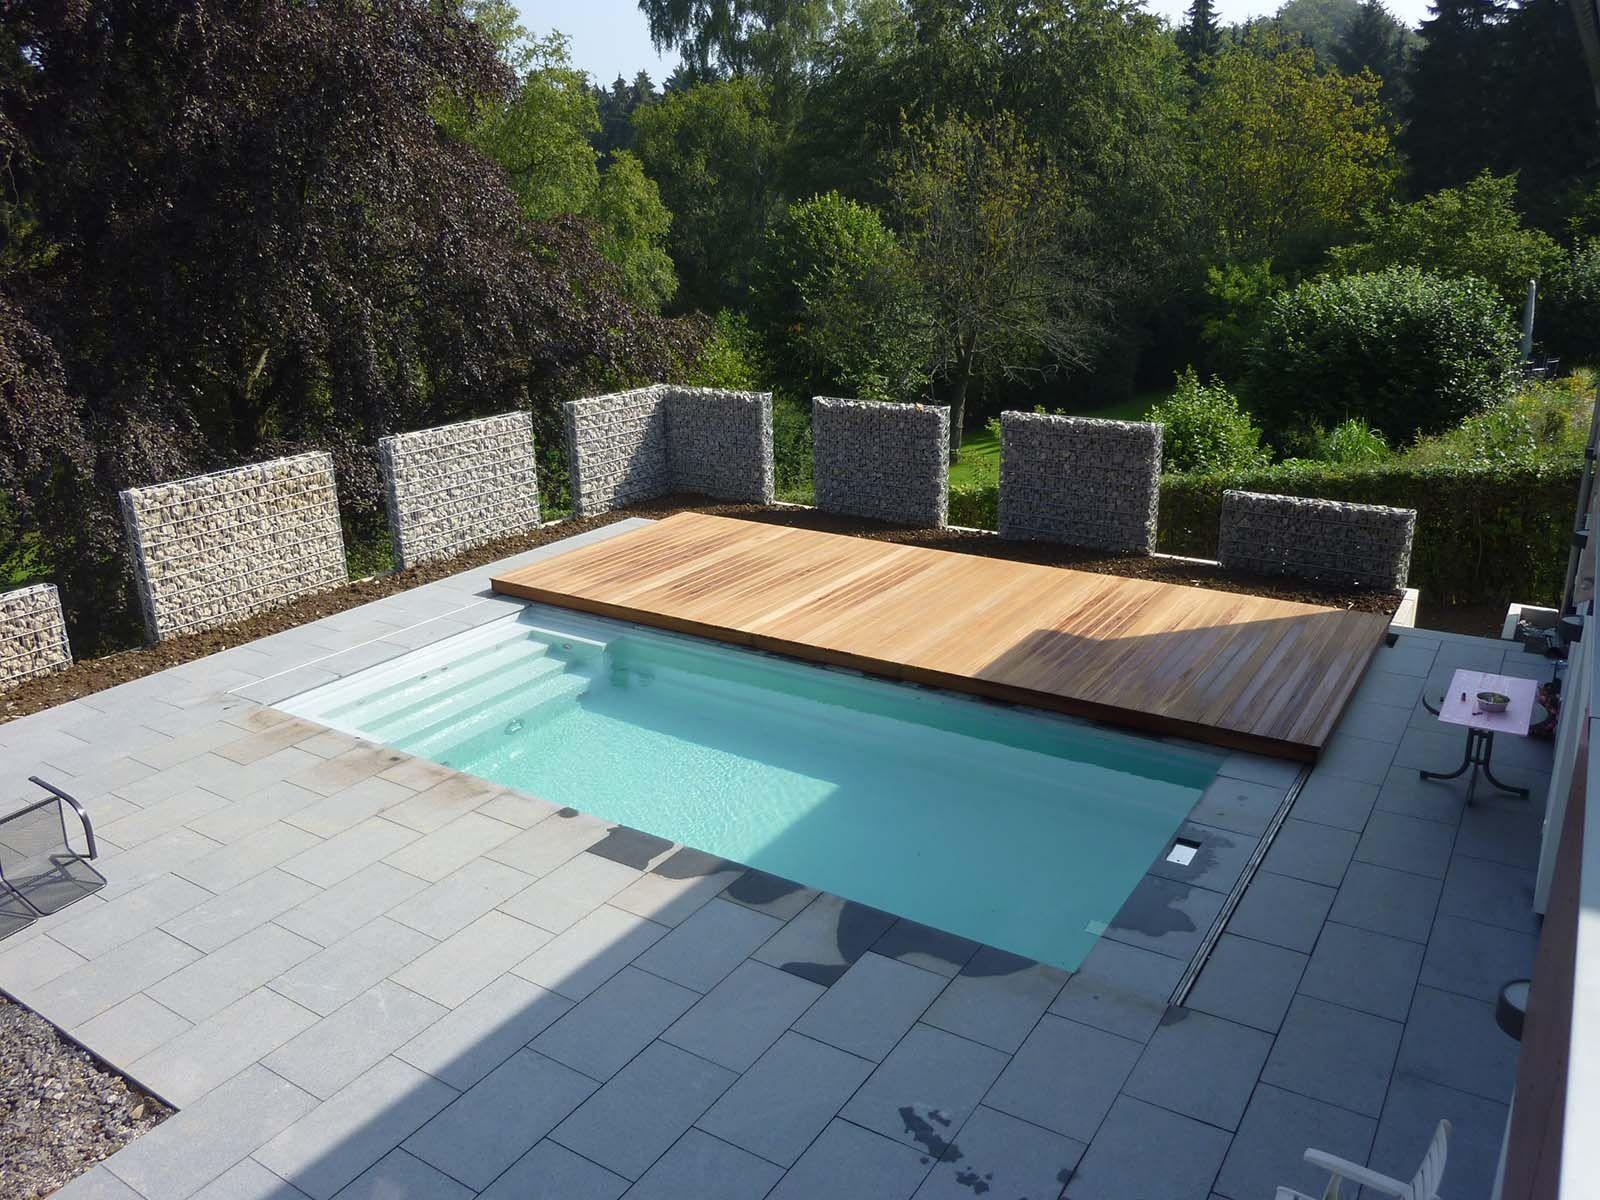 Pooldeck Terrasse Die Begehbare Schwimmbadabdeckung ... avec Idee Terrasse Piscine